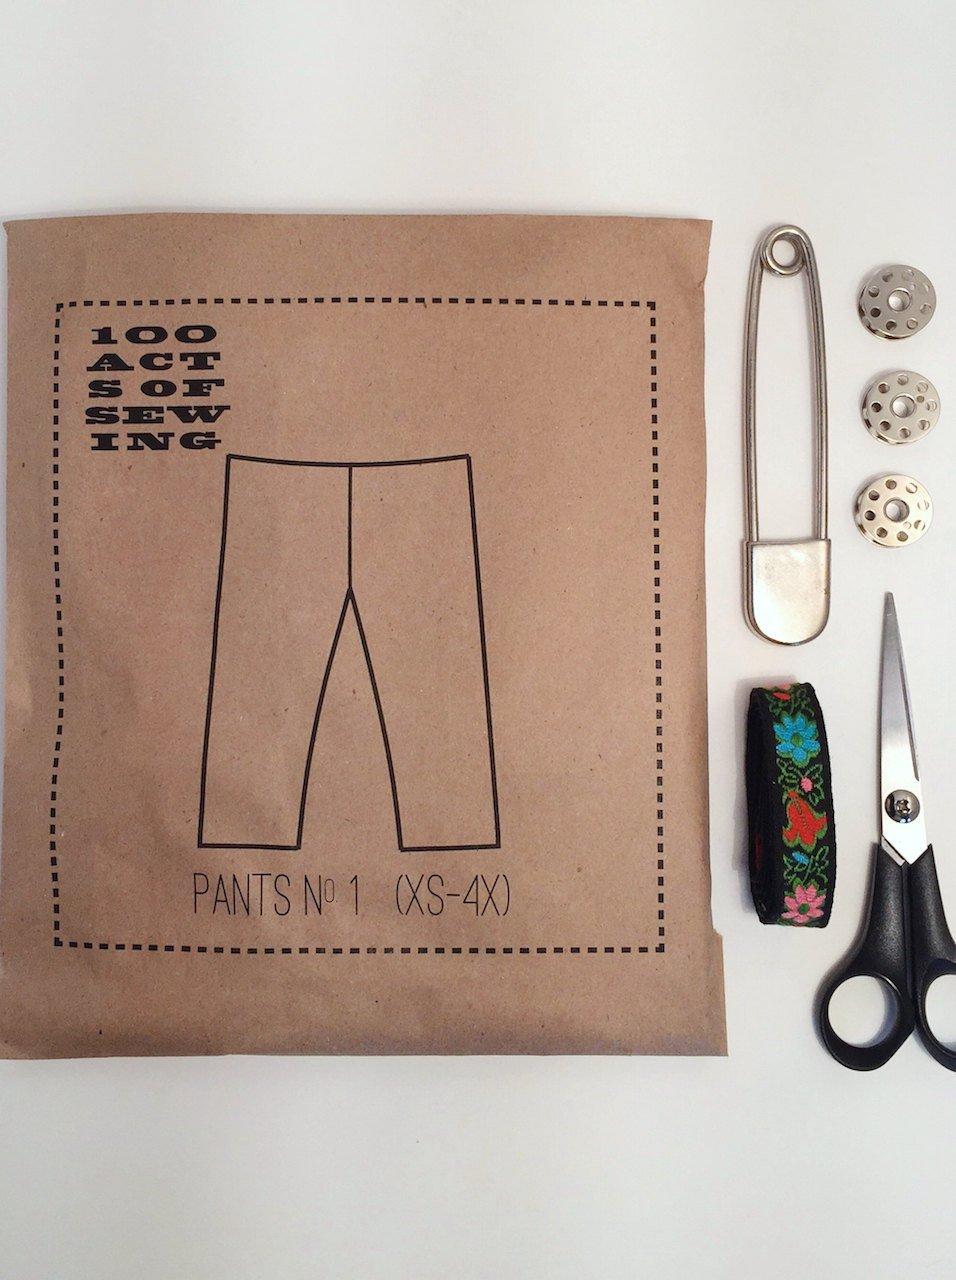 Pants No. 1 Pattern